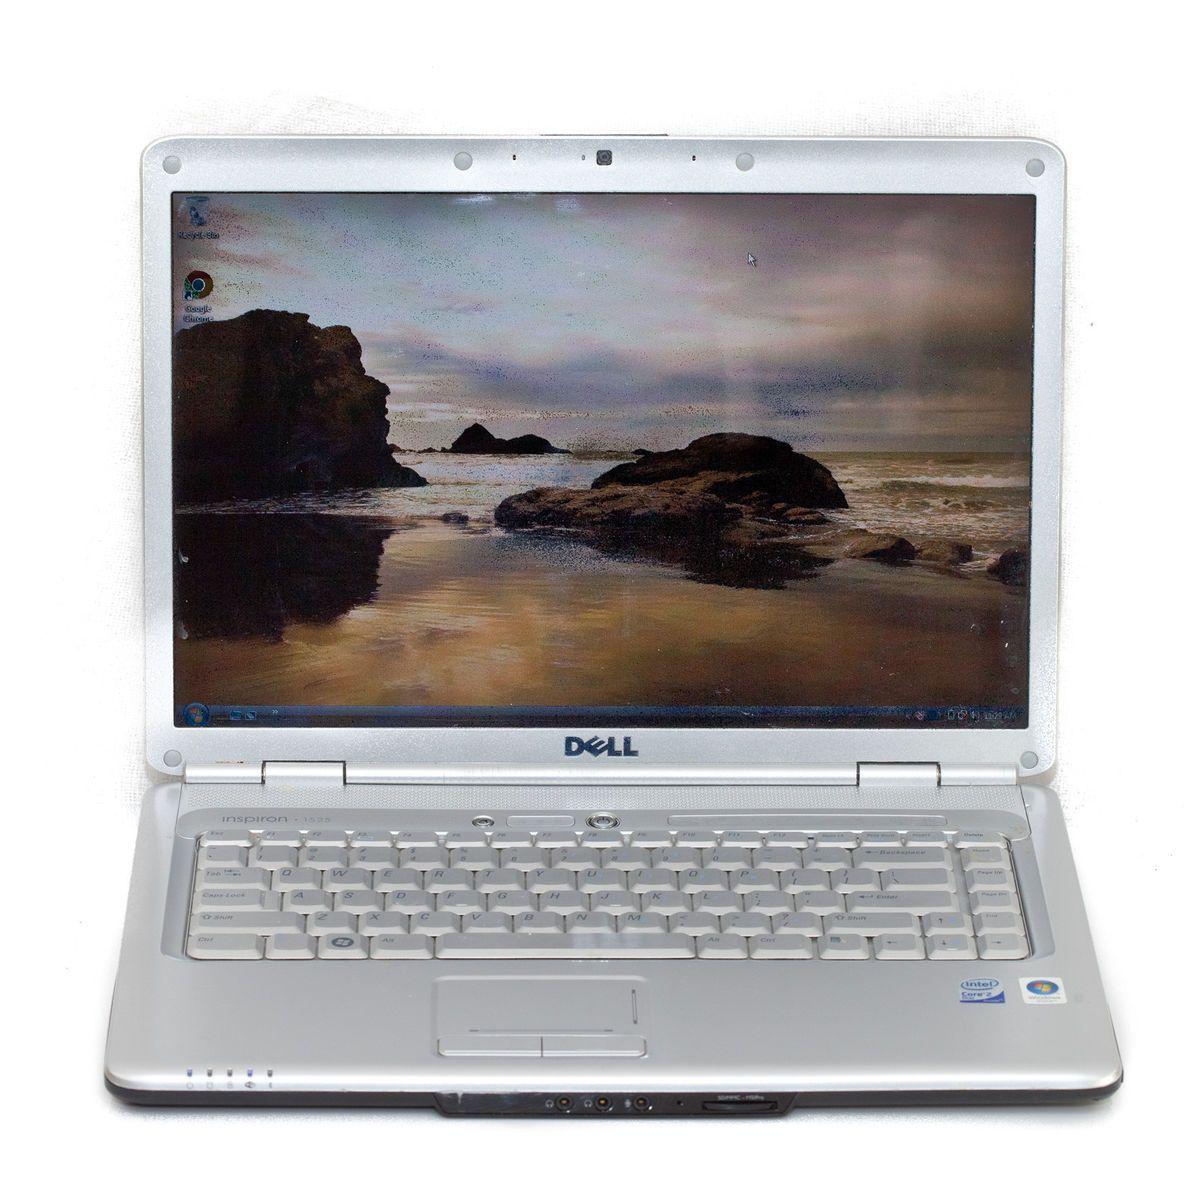 Dell Inspiron 1525 Intel Dual Core Processor Laptop